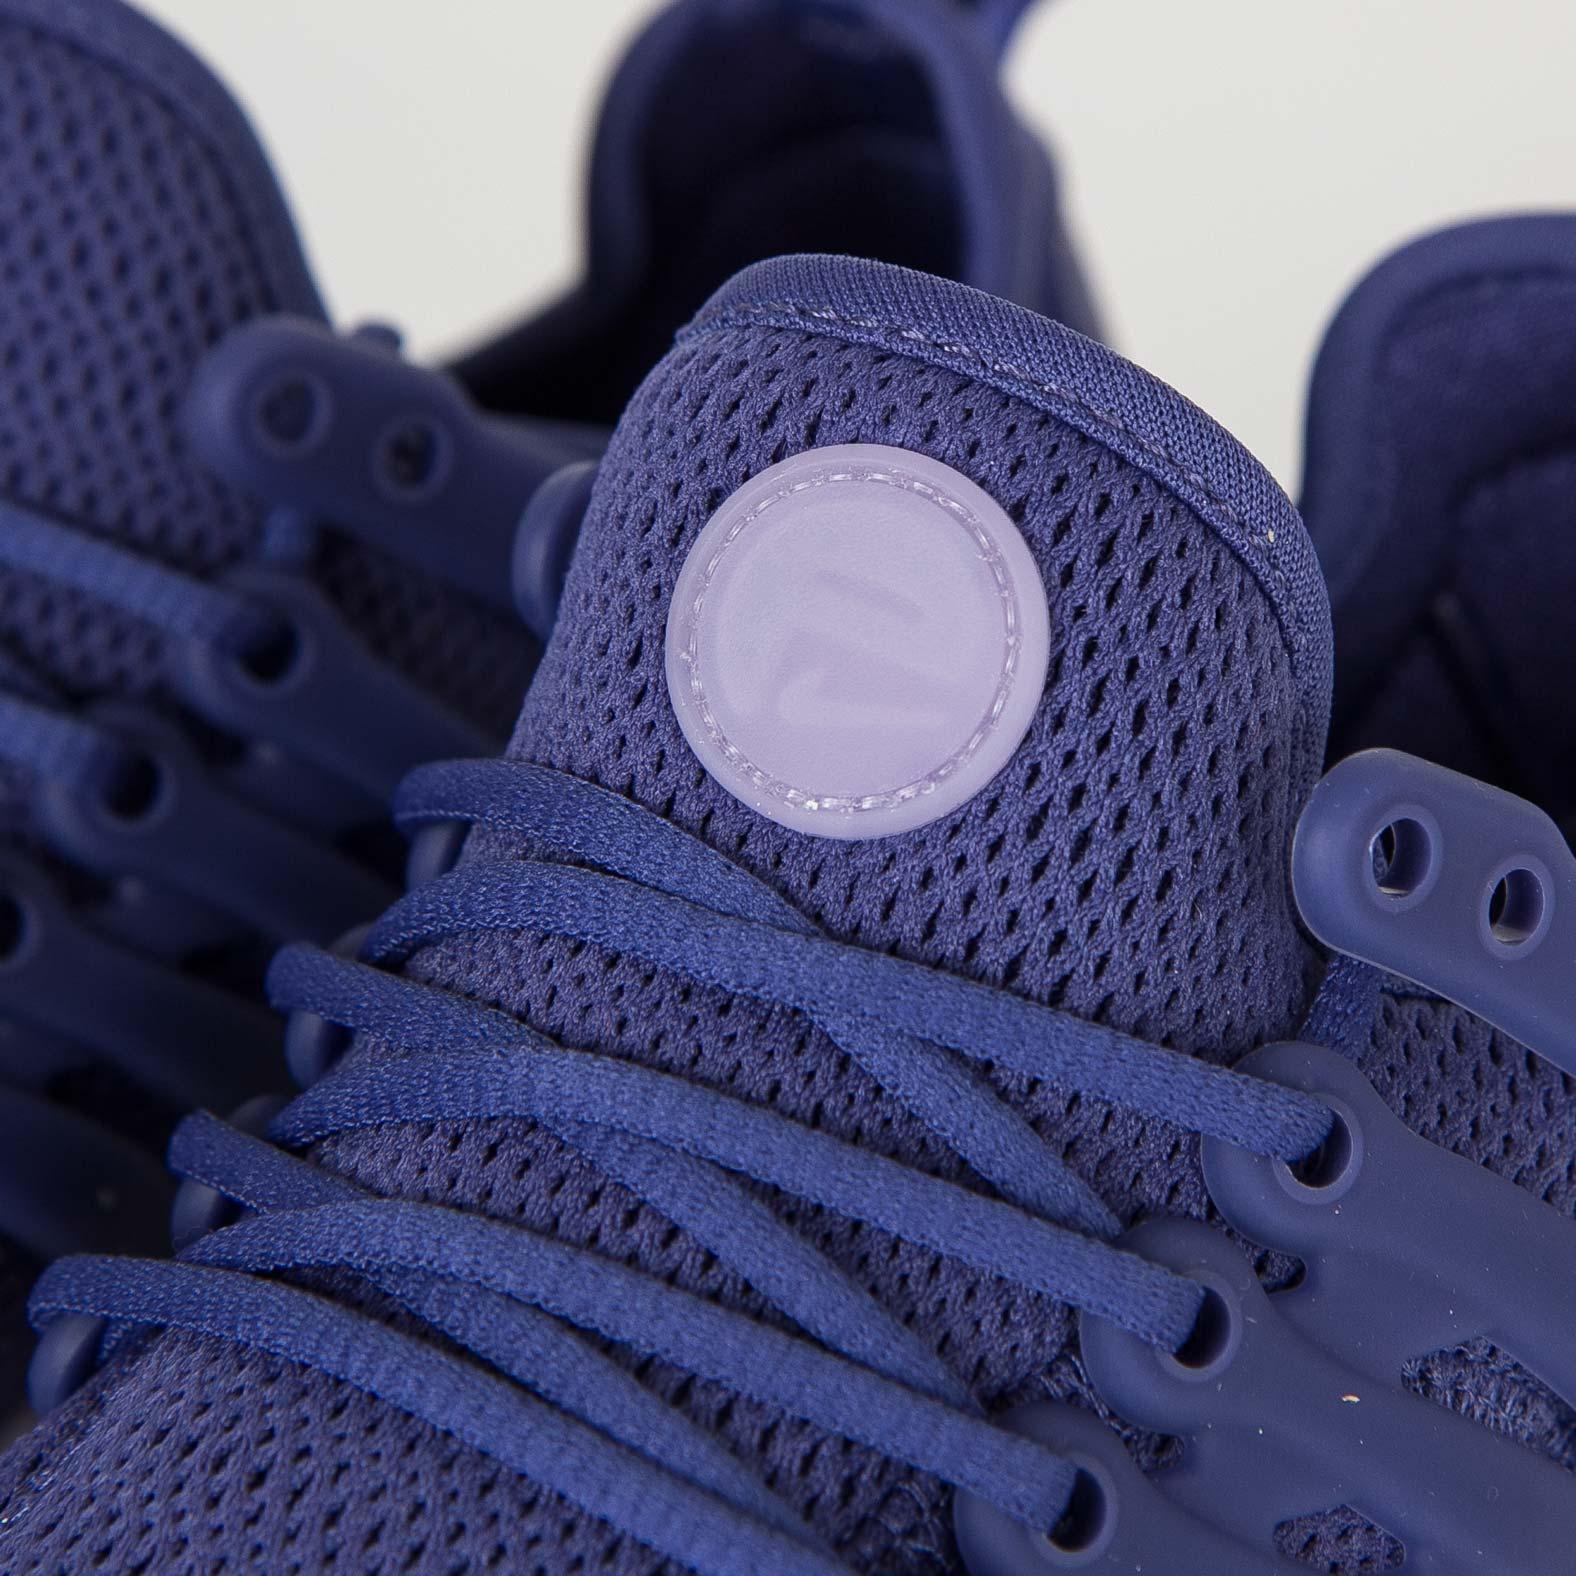 newest 578d0 1dde4 Nike Wmns Air Presto - 846290-500 - Sneakersnstuff   sneakers   streetwear  online since 1999